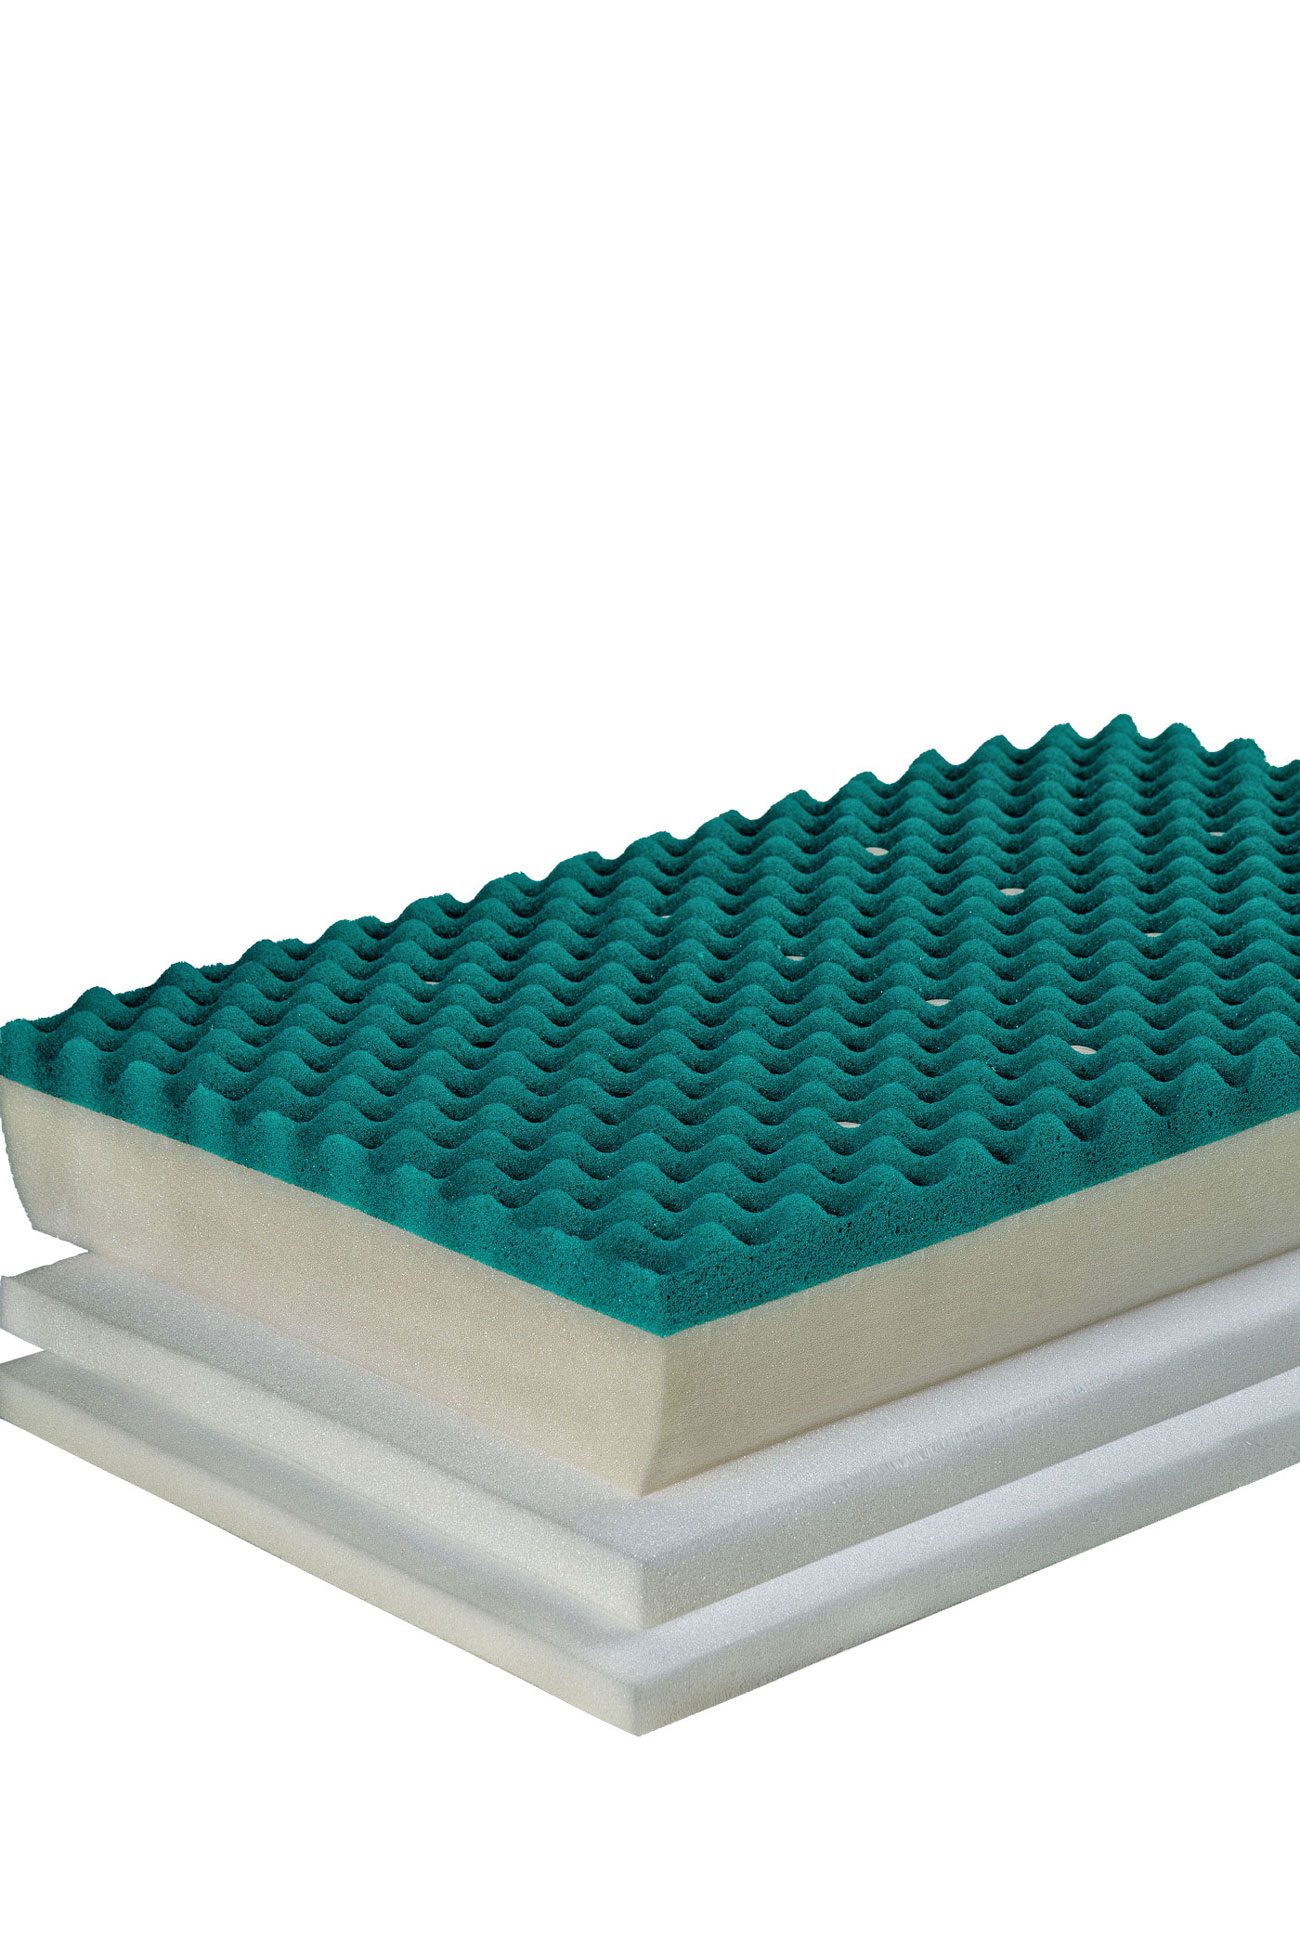 Travesseiro Magnético Kenko Premium LUXO One Face Camadas Ajustáveis Regulagem de Altura  - Kenko Premium Colchões